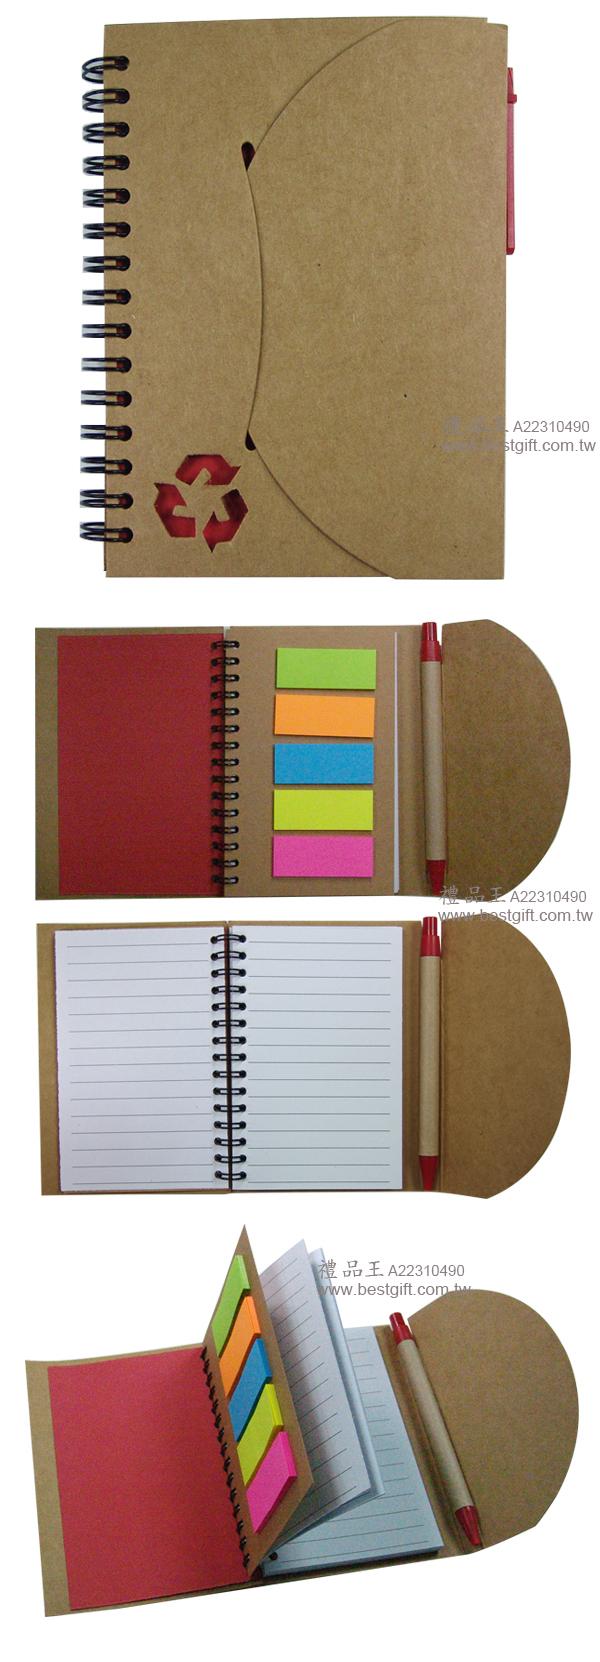 多功能便籤筆記簿+筆    商品貨號: A22310490